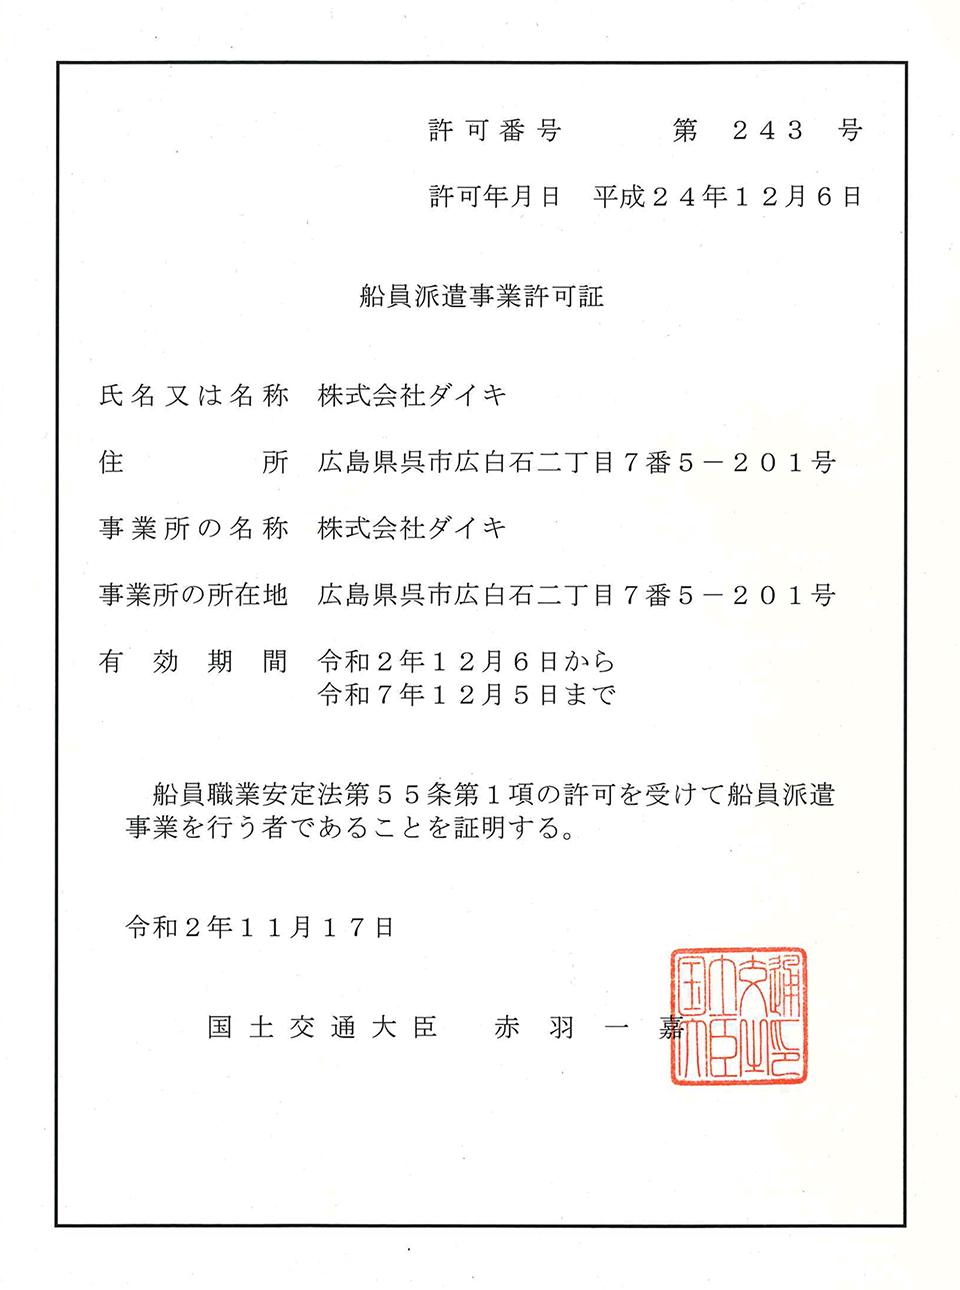 内航船  国土交通省認可番号【船員派遣許可番号第243号】